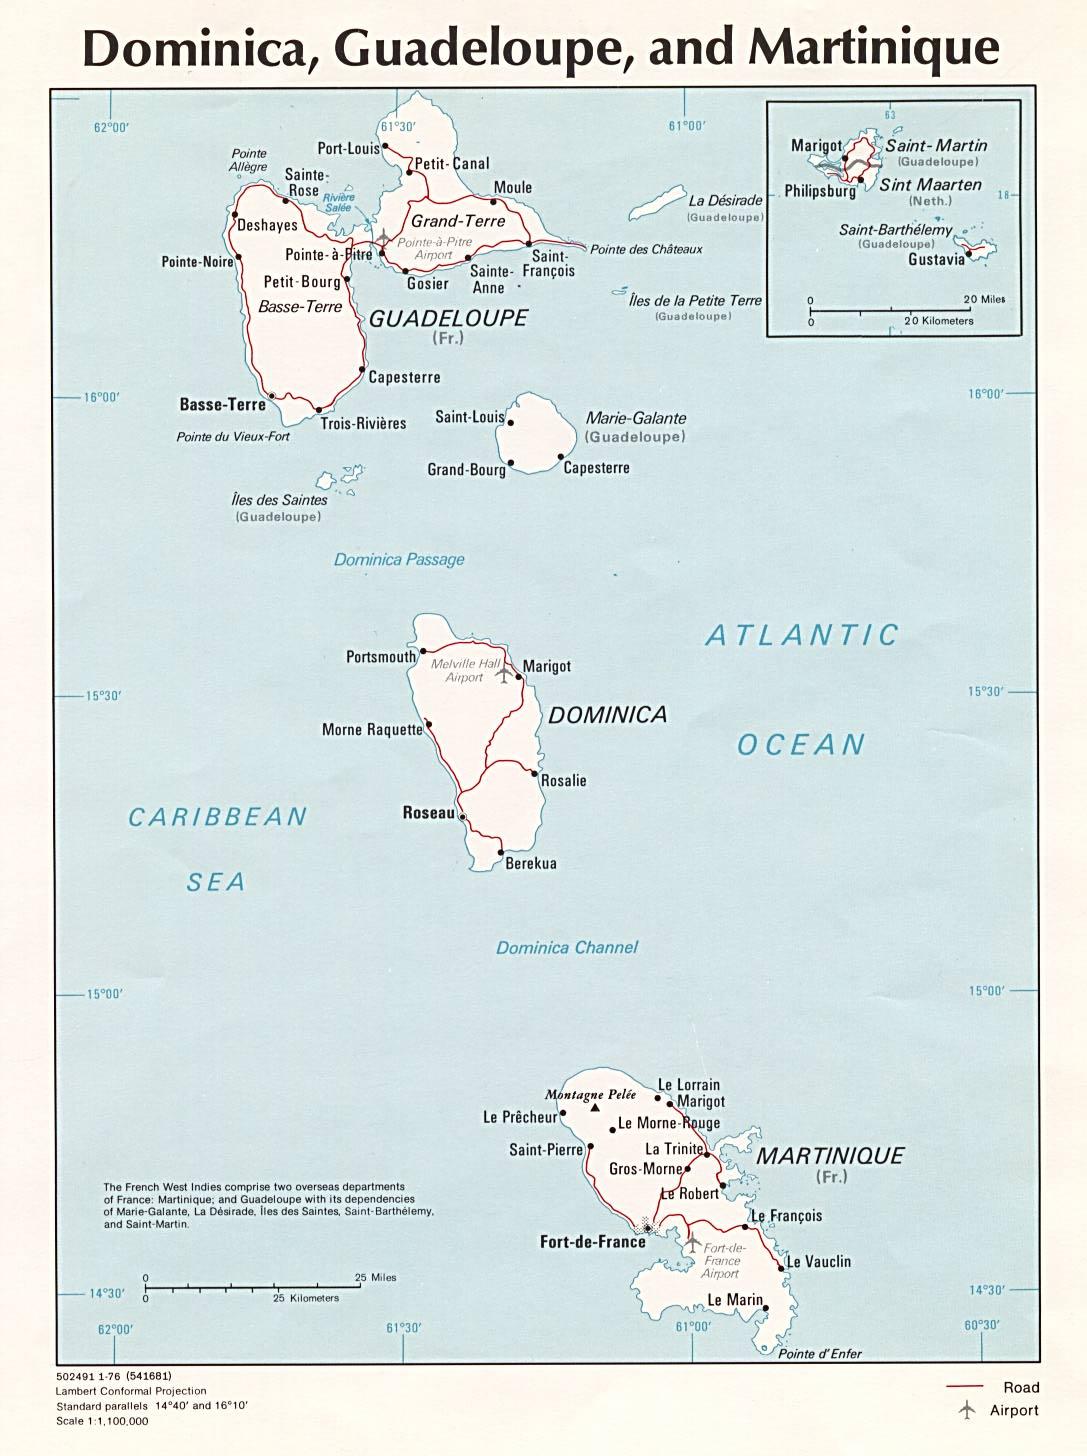 Dominica und Gioadeloupe